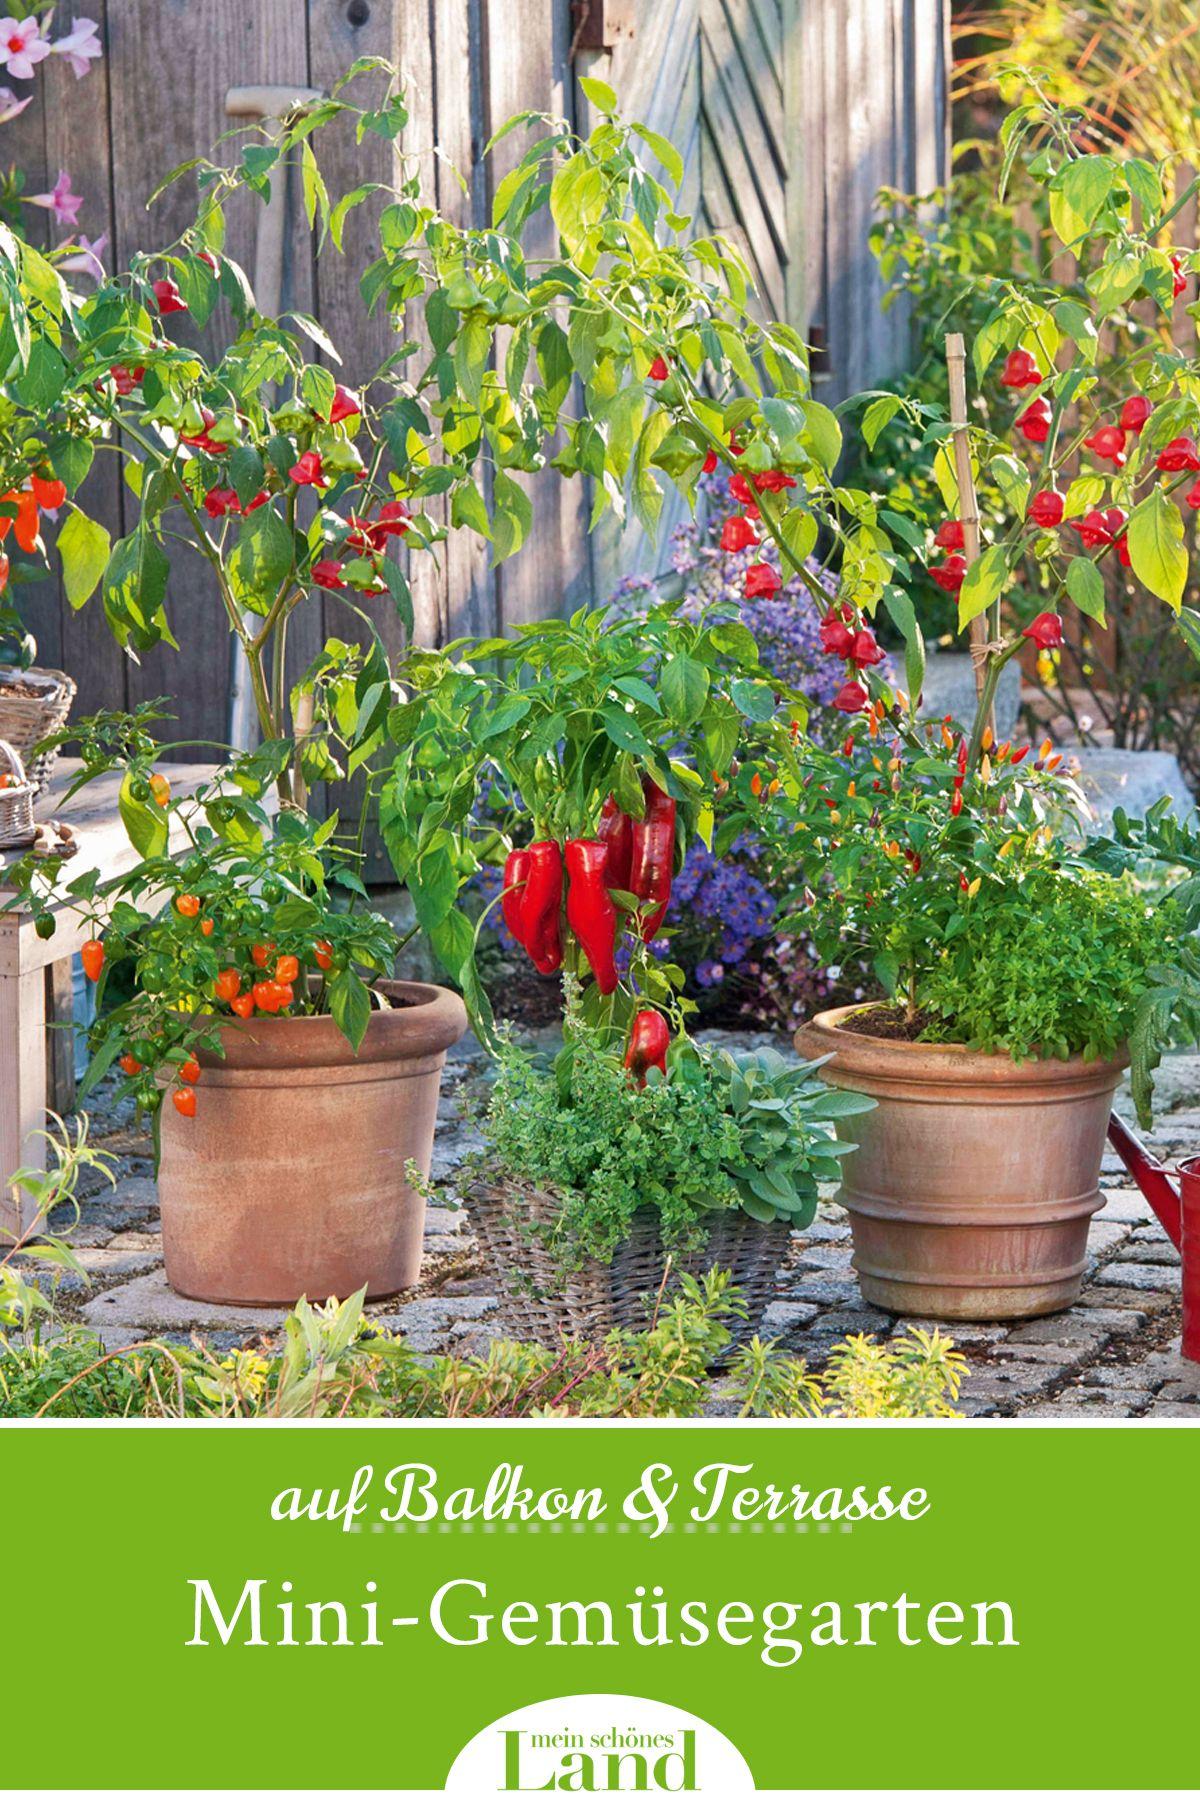 Mini Gemusegarten Anlegen Auf Balkon Terrasse Gemusegarten Anlegen Garten Gartentipps